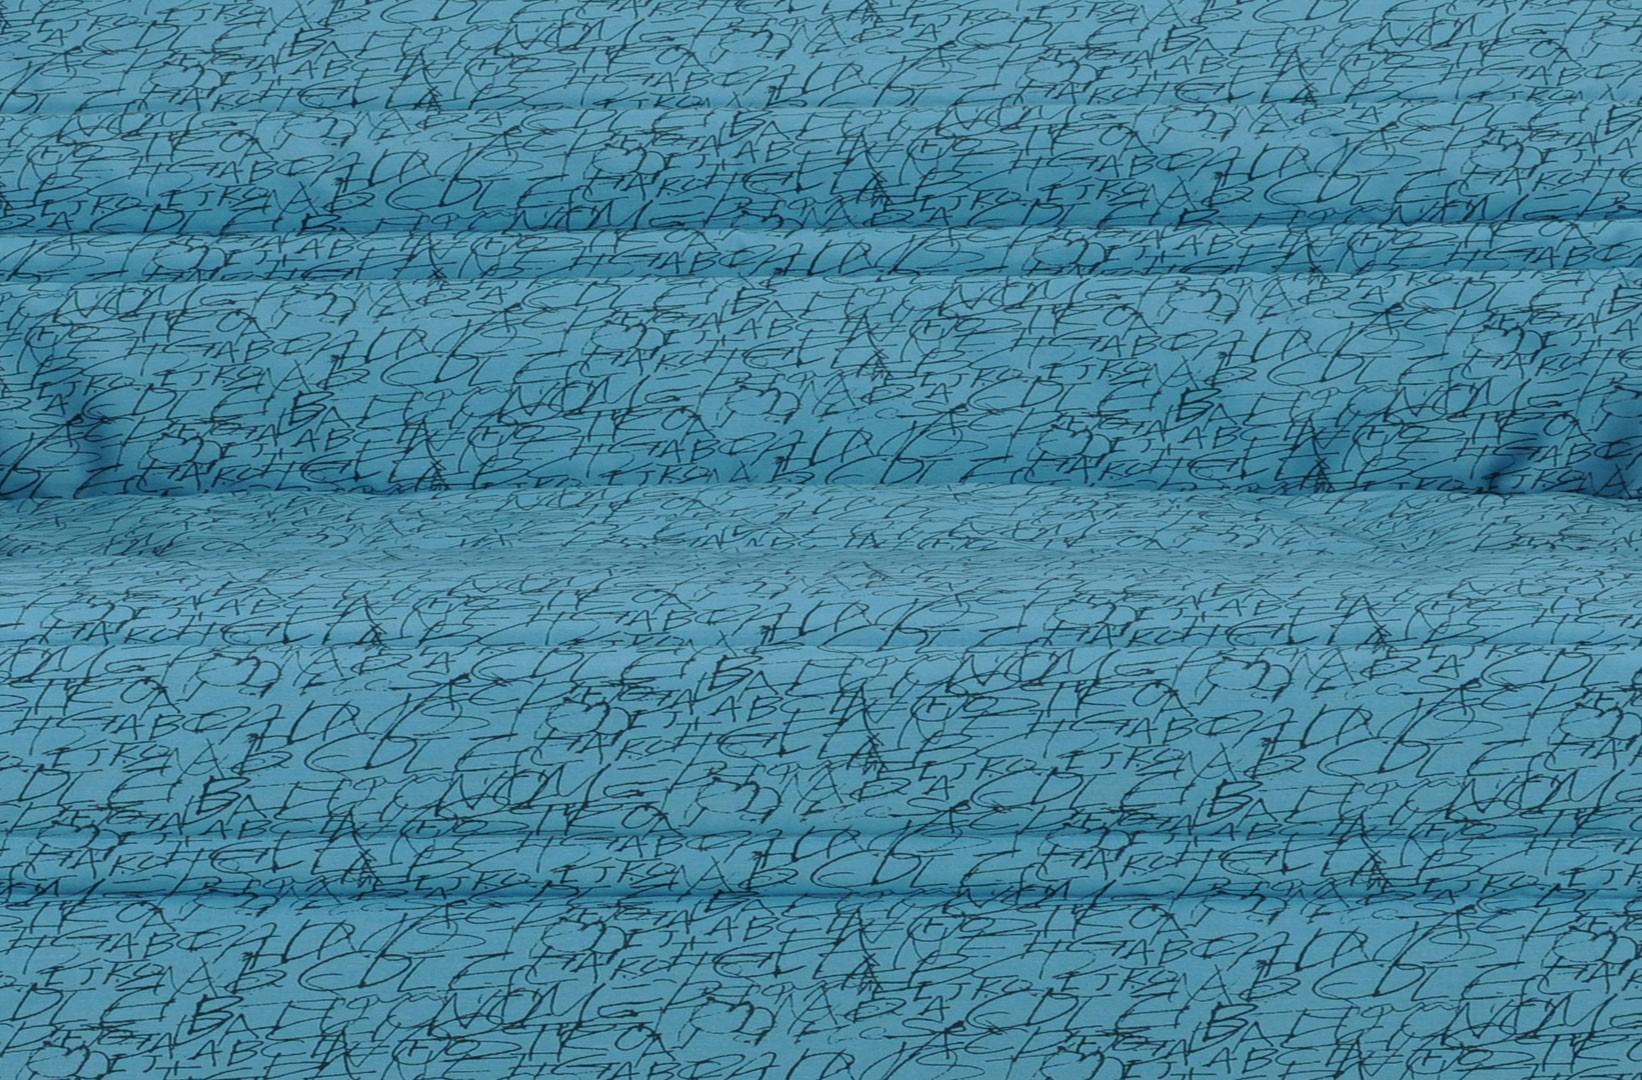 Housse Clic Clac Bleu Canard Beau Photos Prix Dun Clic Clac Prix D Un Canap Convertible Admirable Un Clic